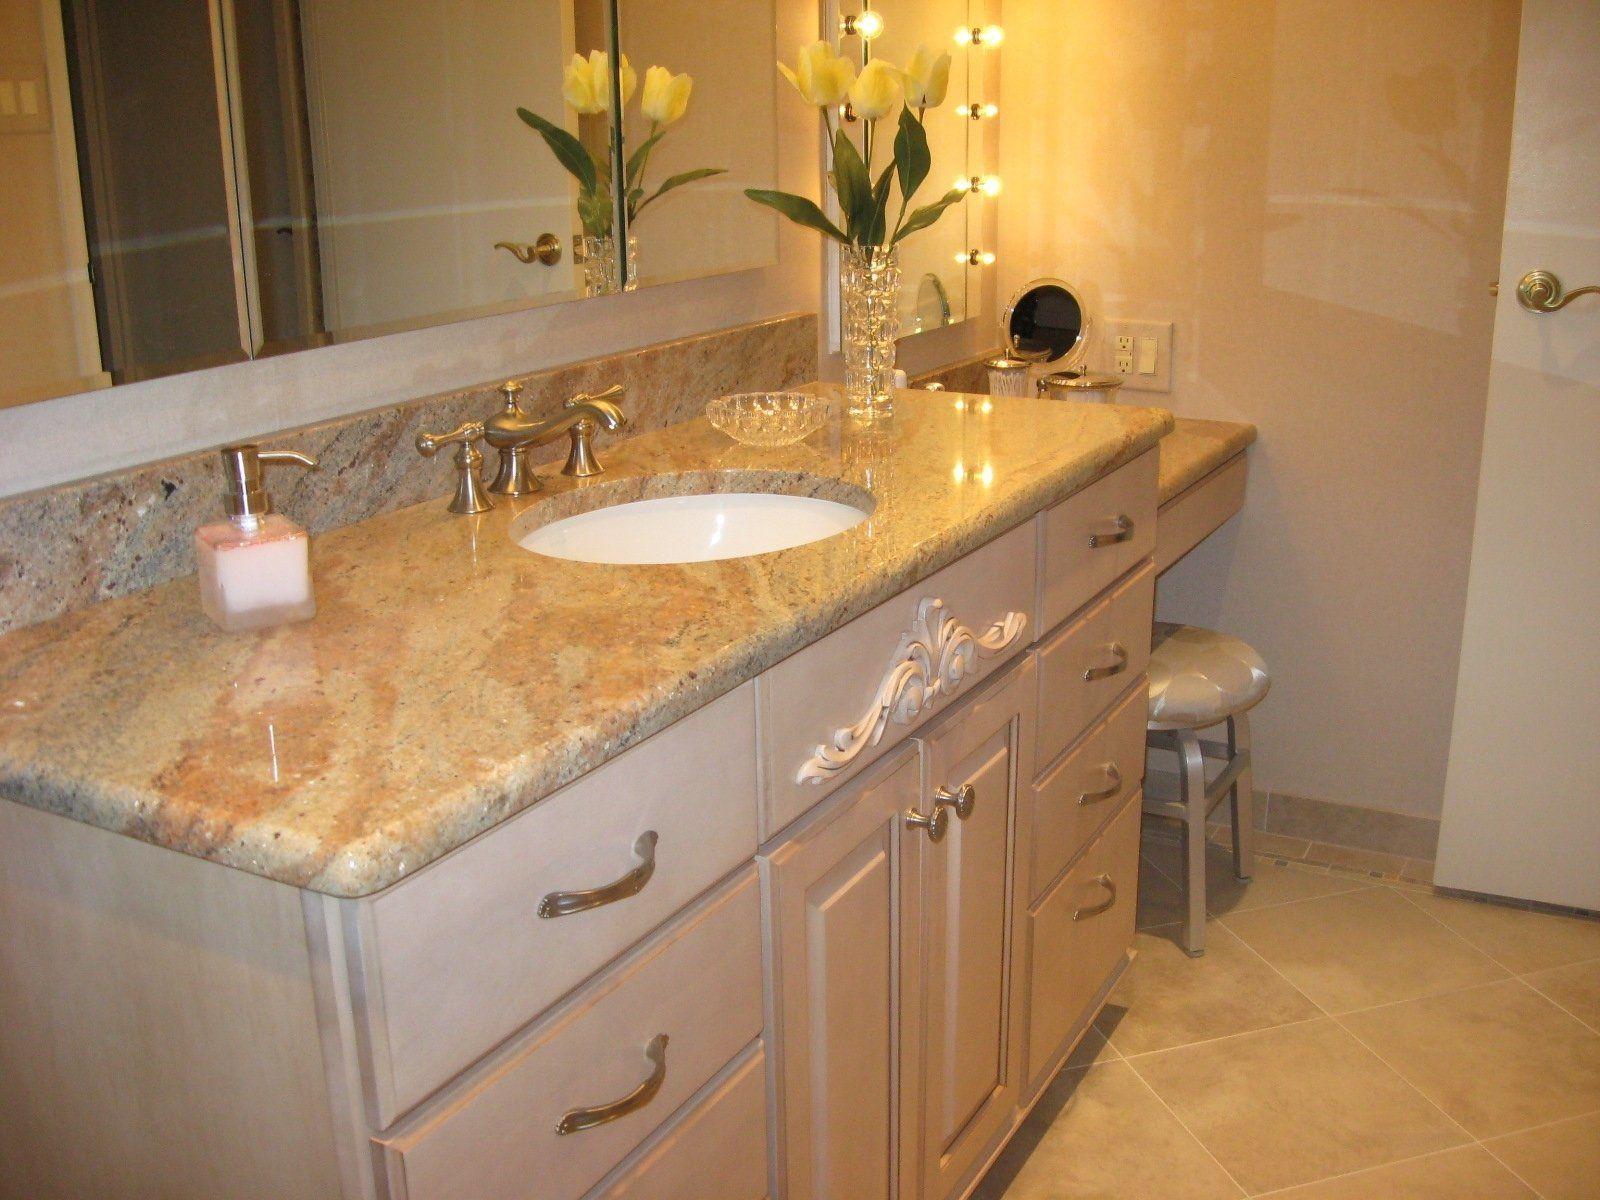 best of bathroom vanity with countertop decoration-Awesome Bathroom Vanity with Countertop Construction